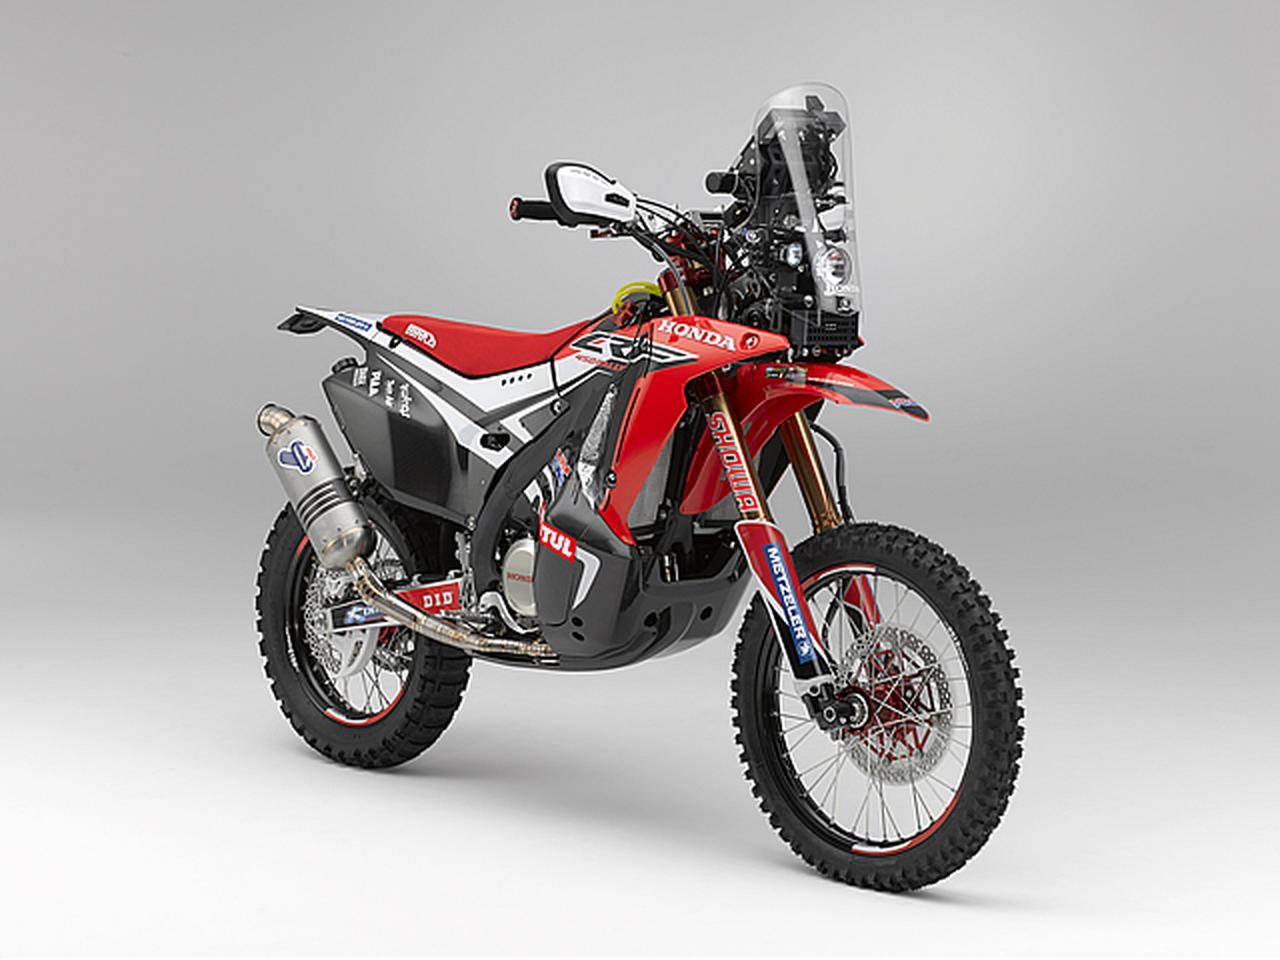 画像1: ベース車両のCRF250Lはこんなバイクです